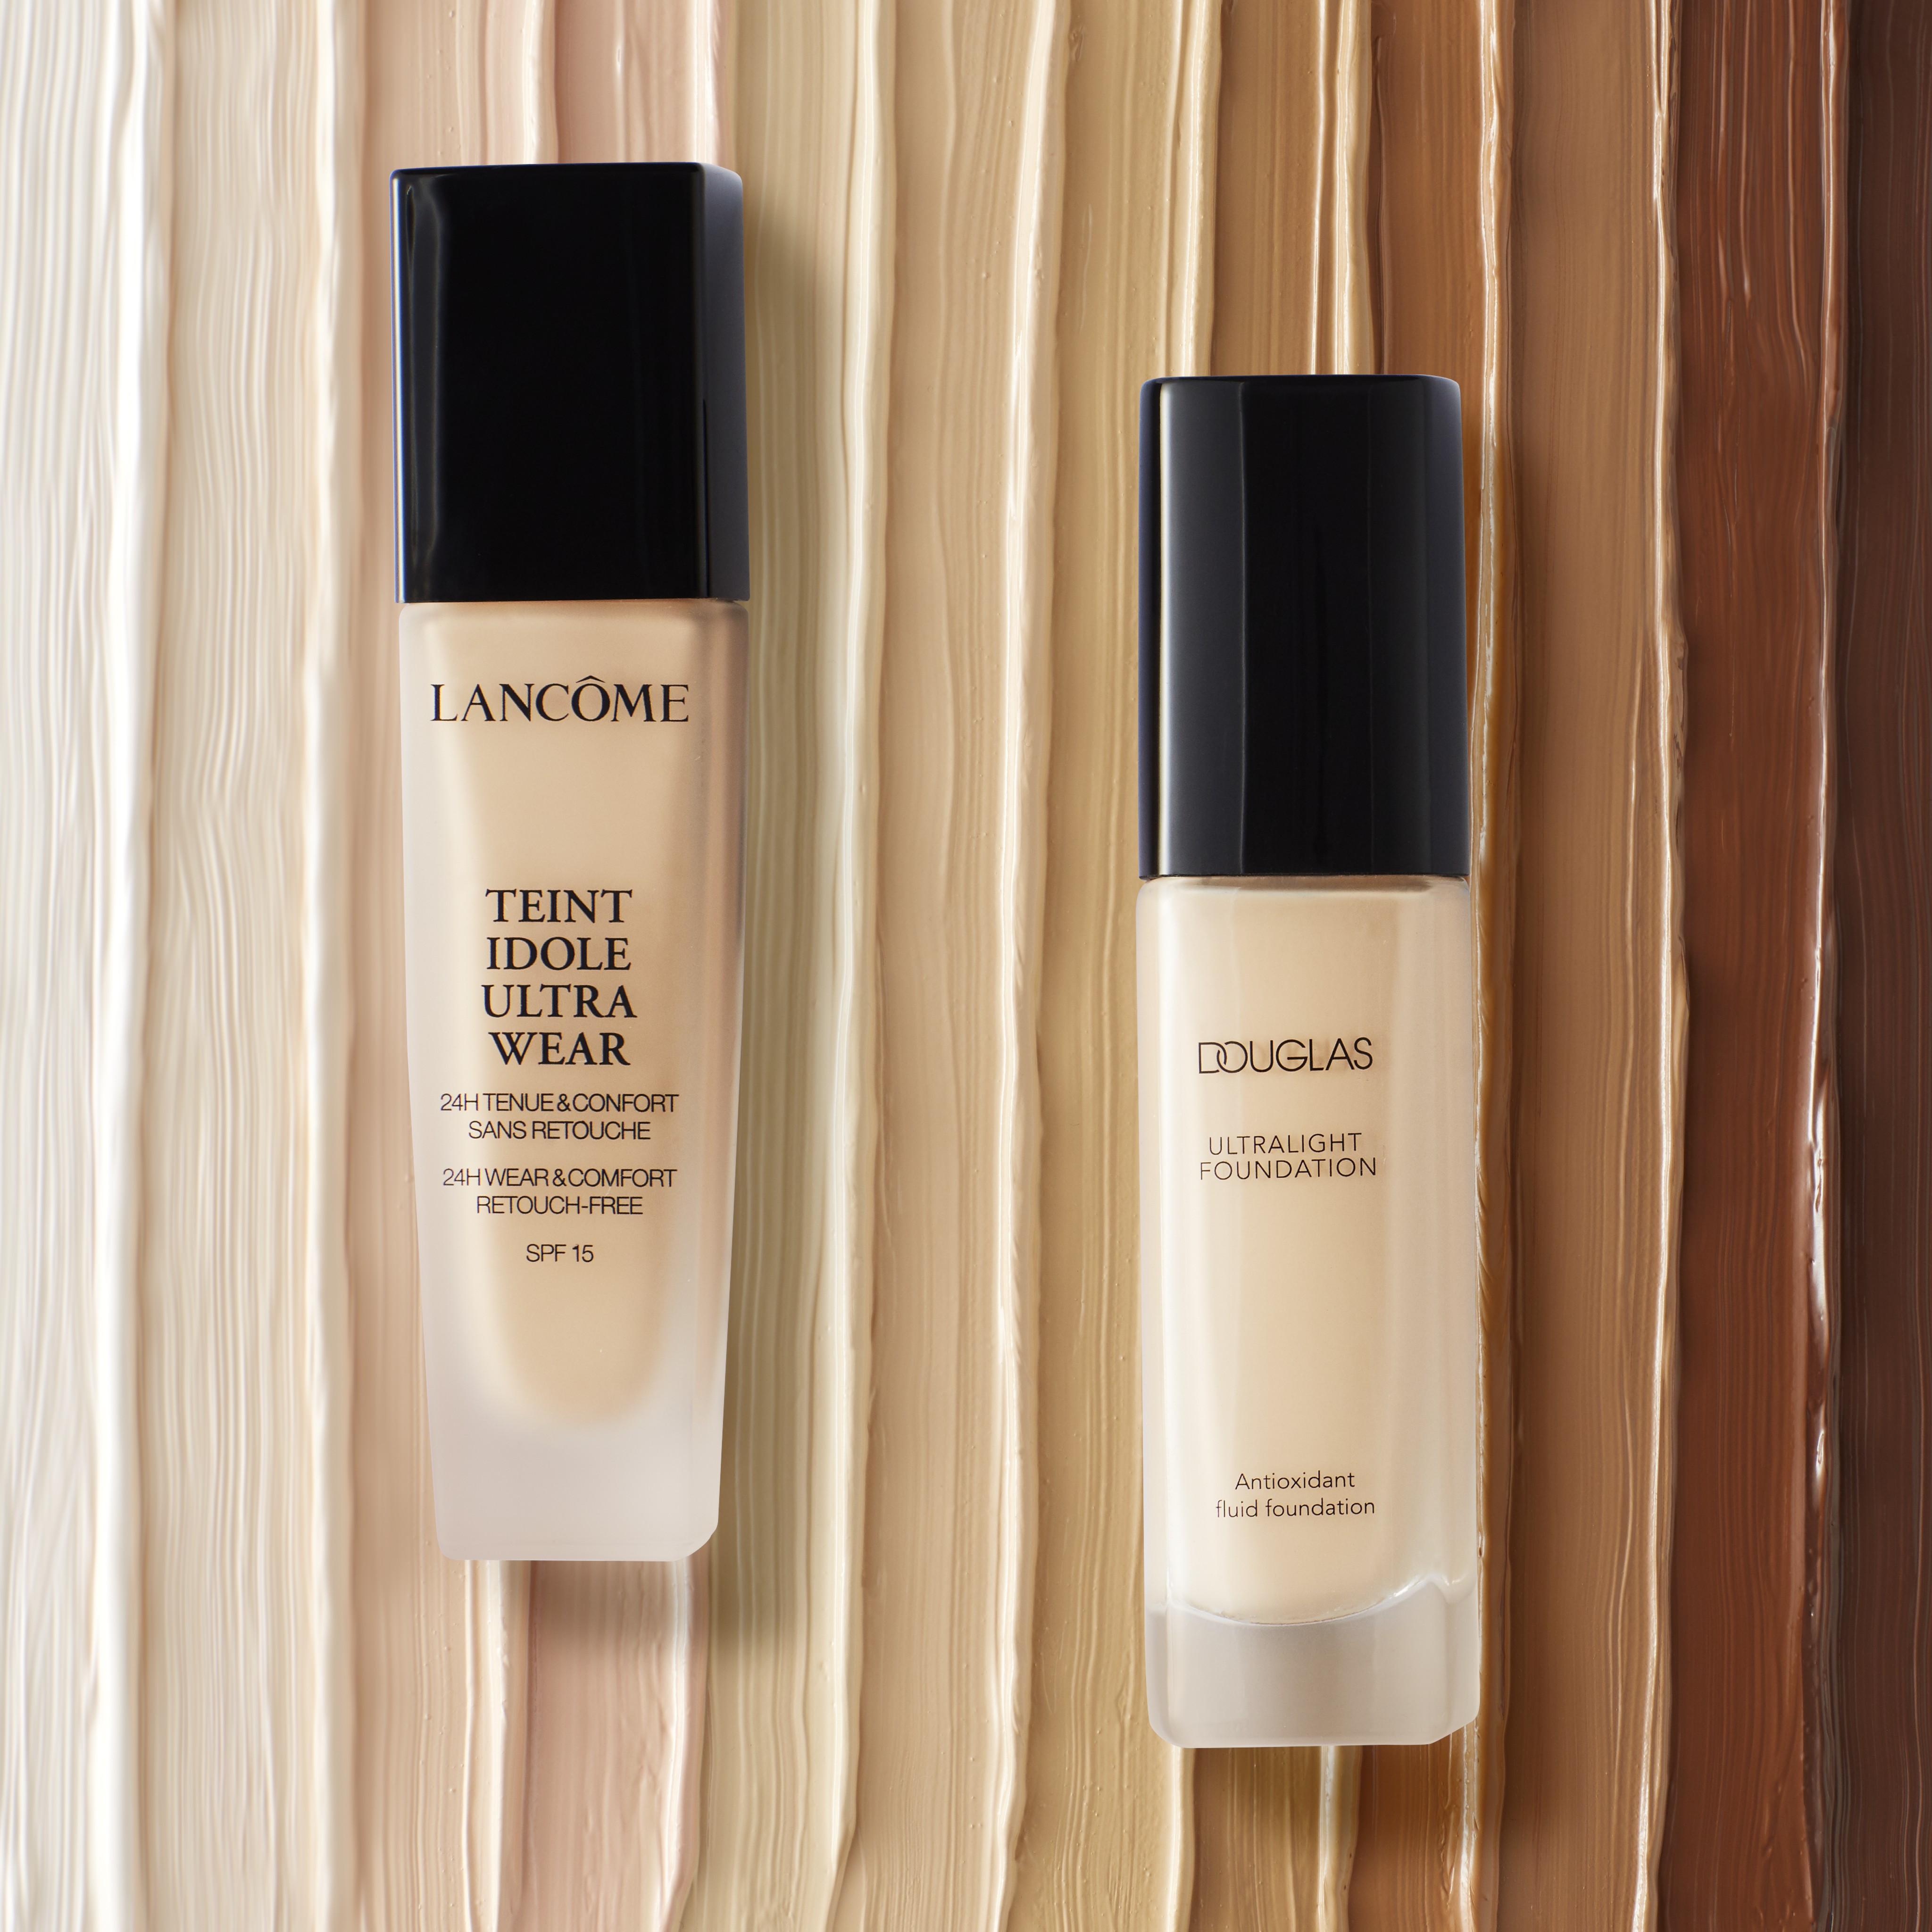 Makeup-product-foundation-guide-lancome-douglas-texture-stripes-unlimited-Web-Rendition